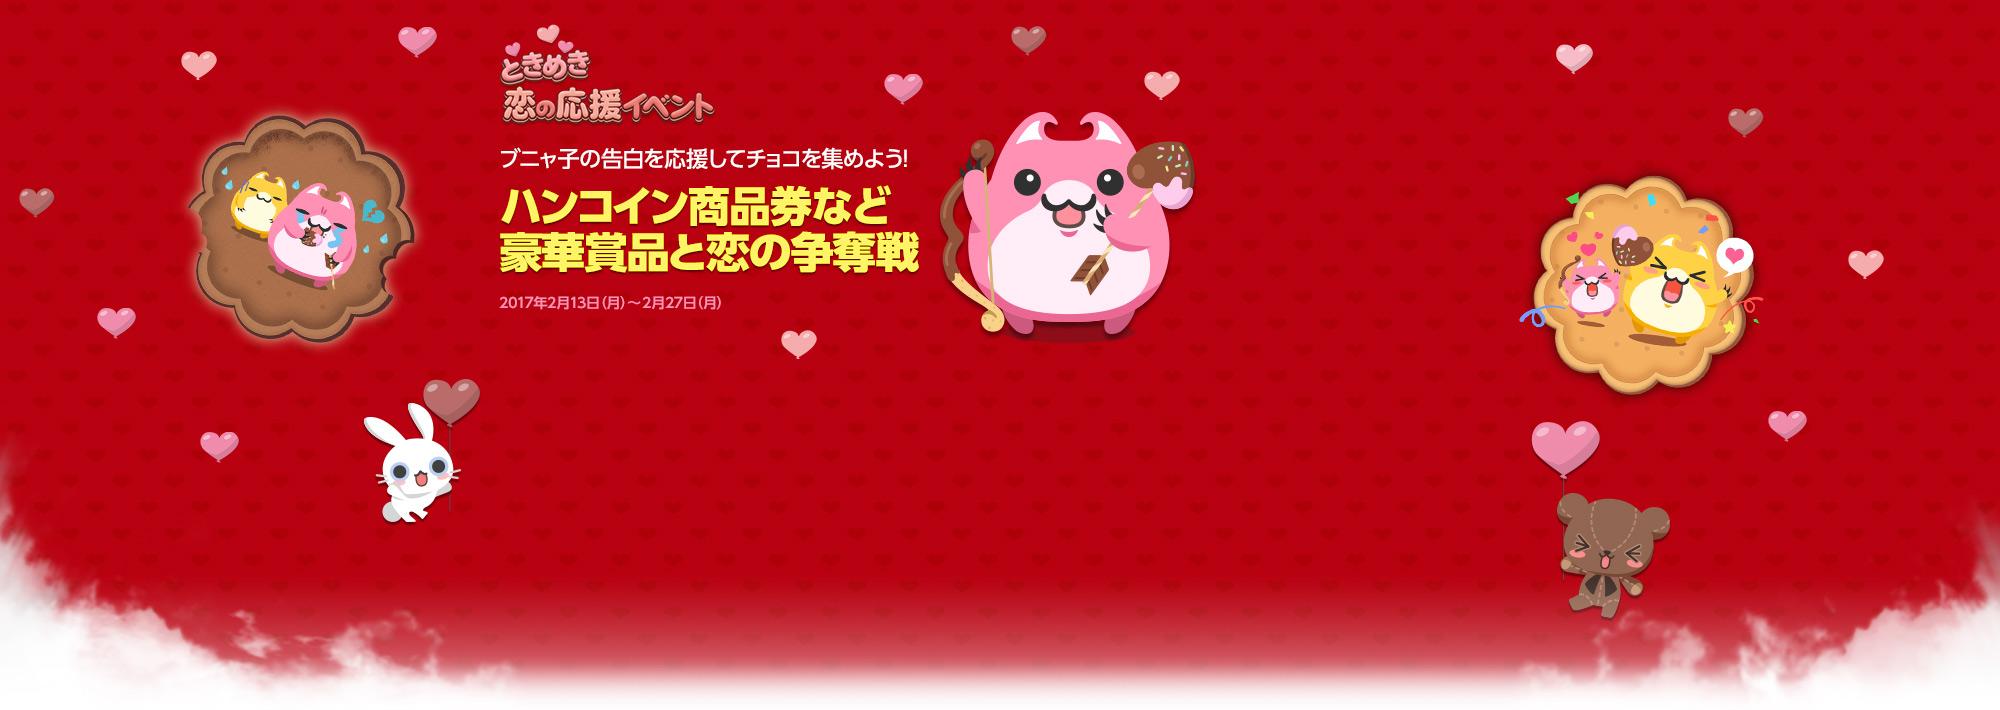 ハンゲーム横断イベント「バレンタイン ときめき恋の応援イベント」